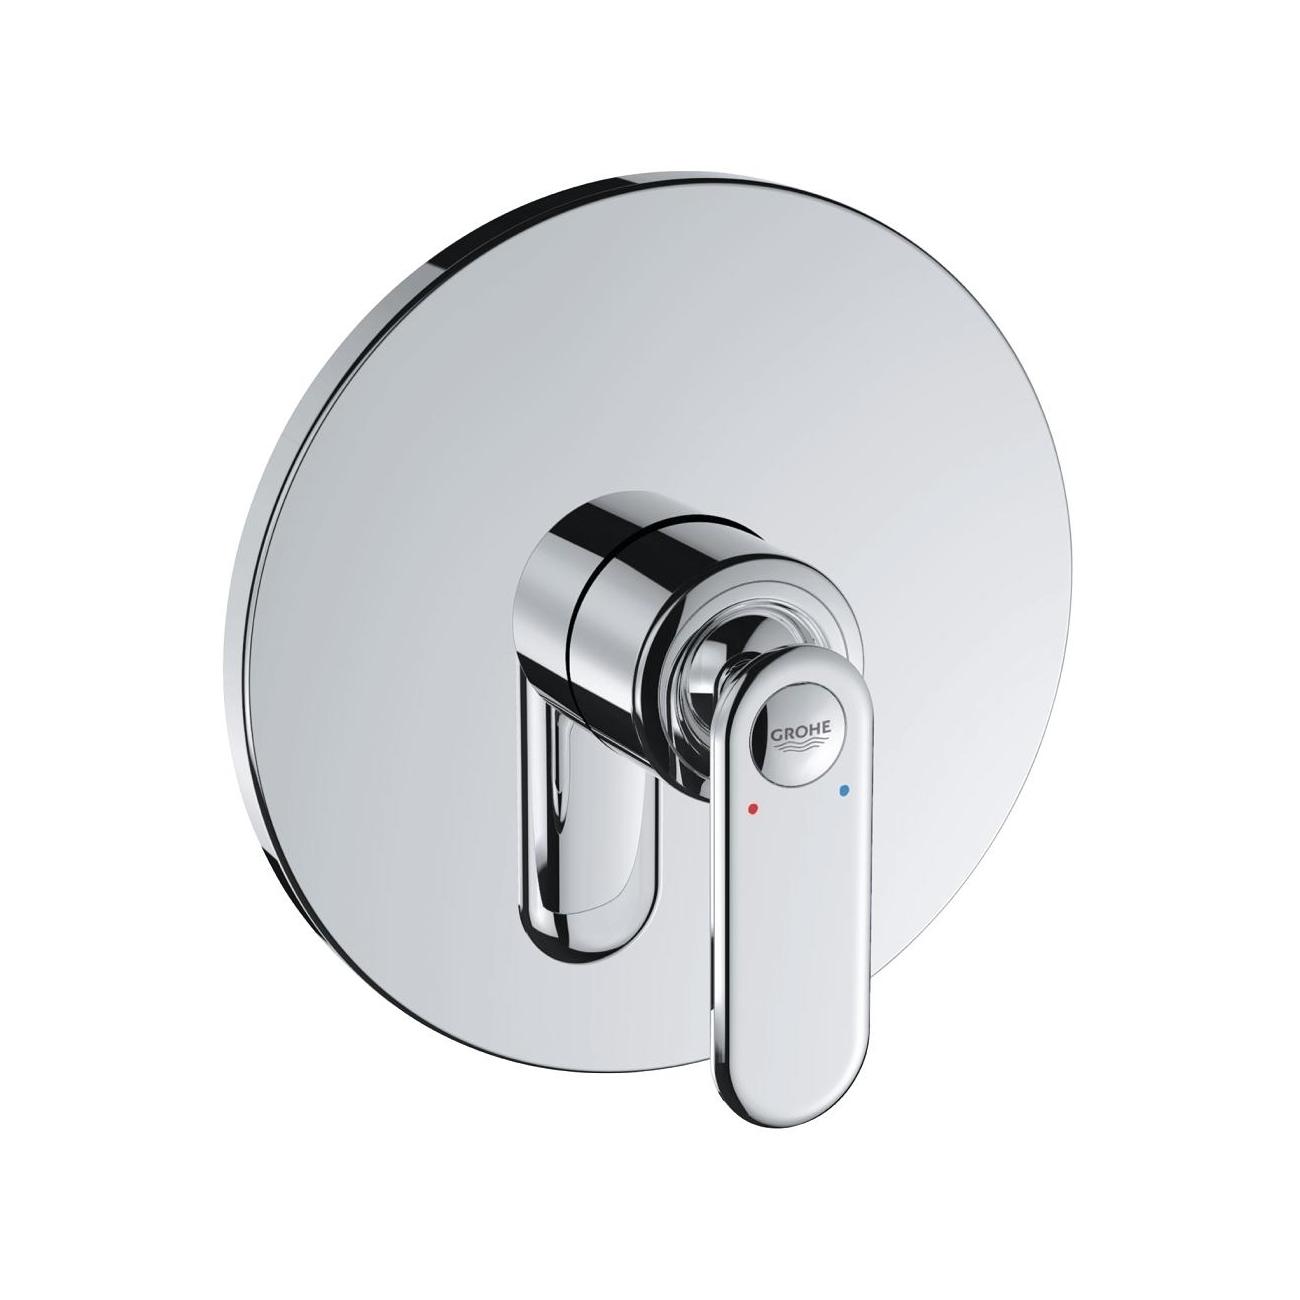 GROHE VERIS Shower mixer - TattaHome